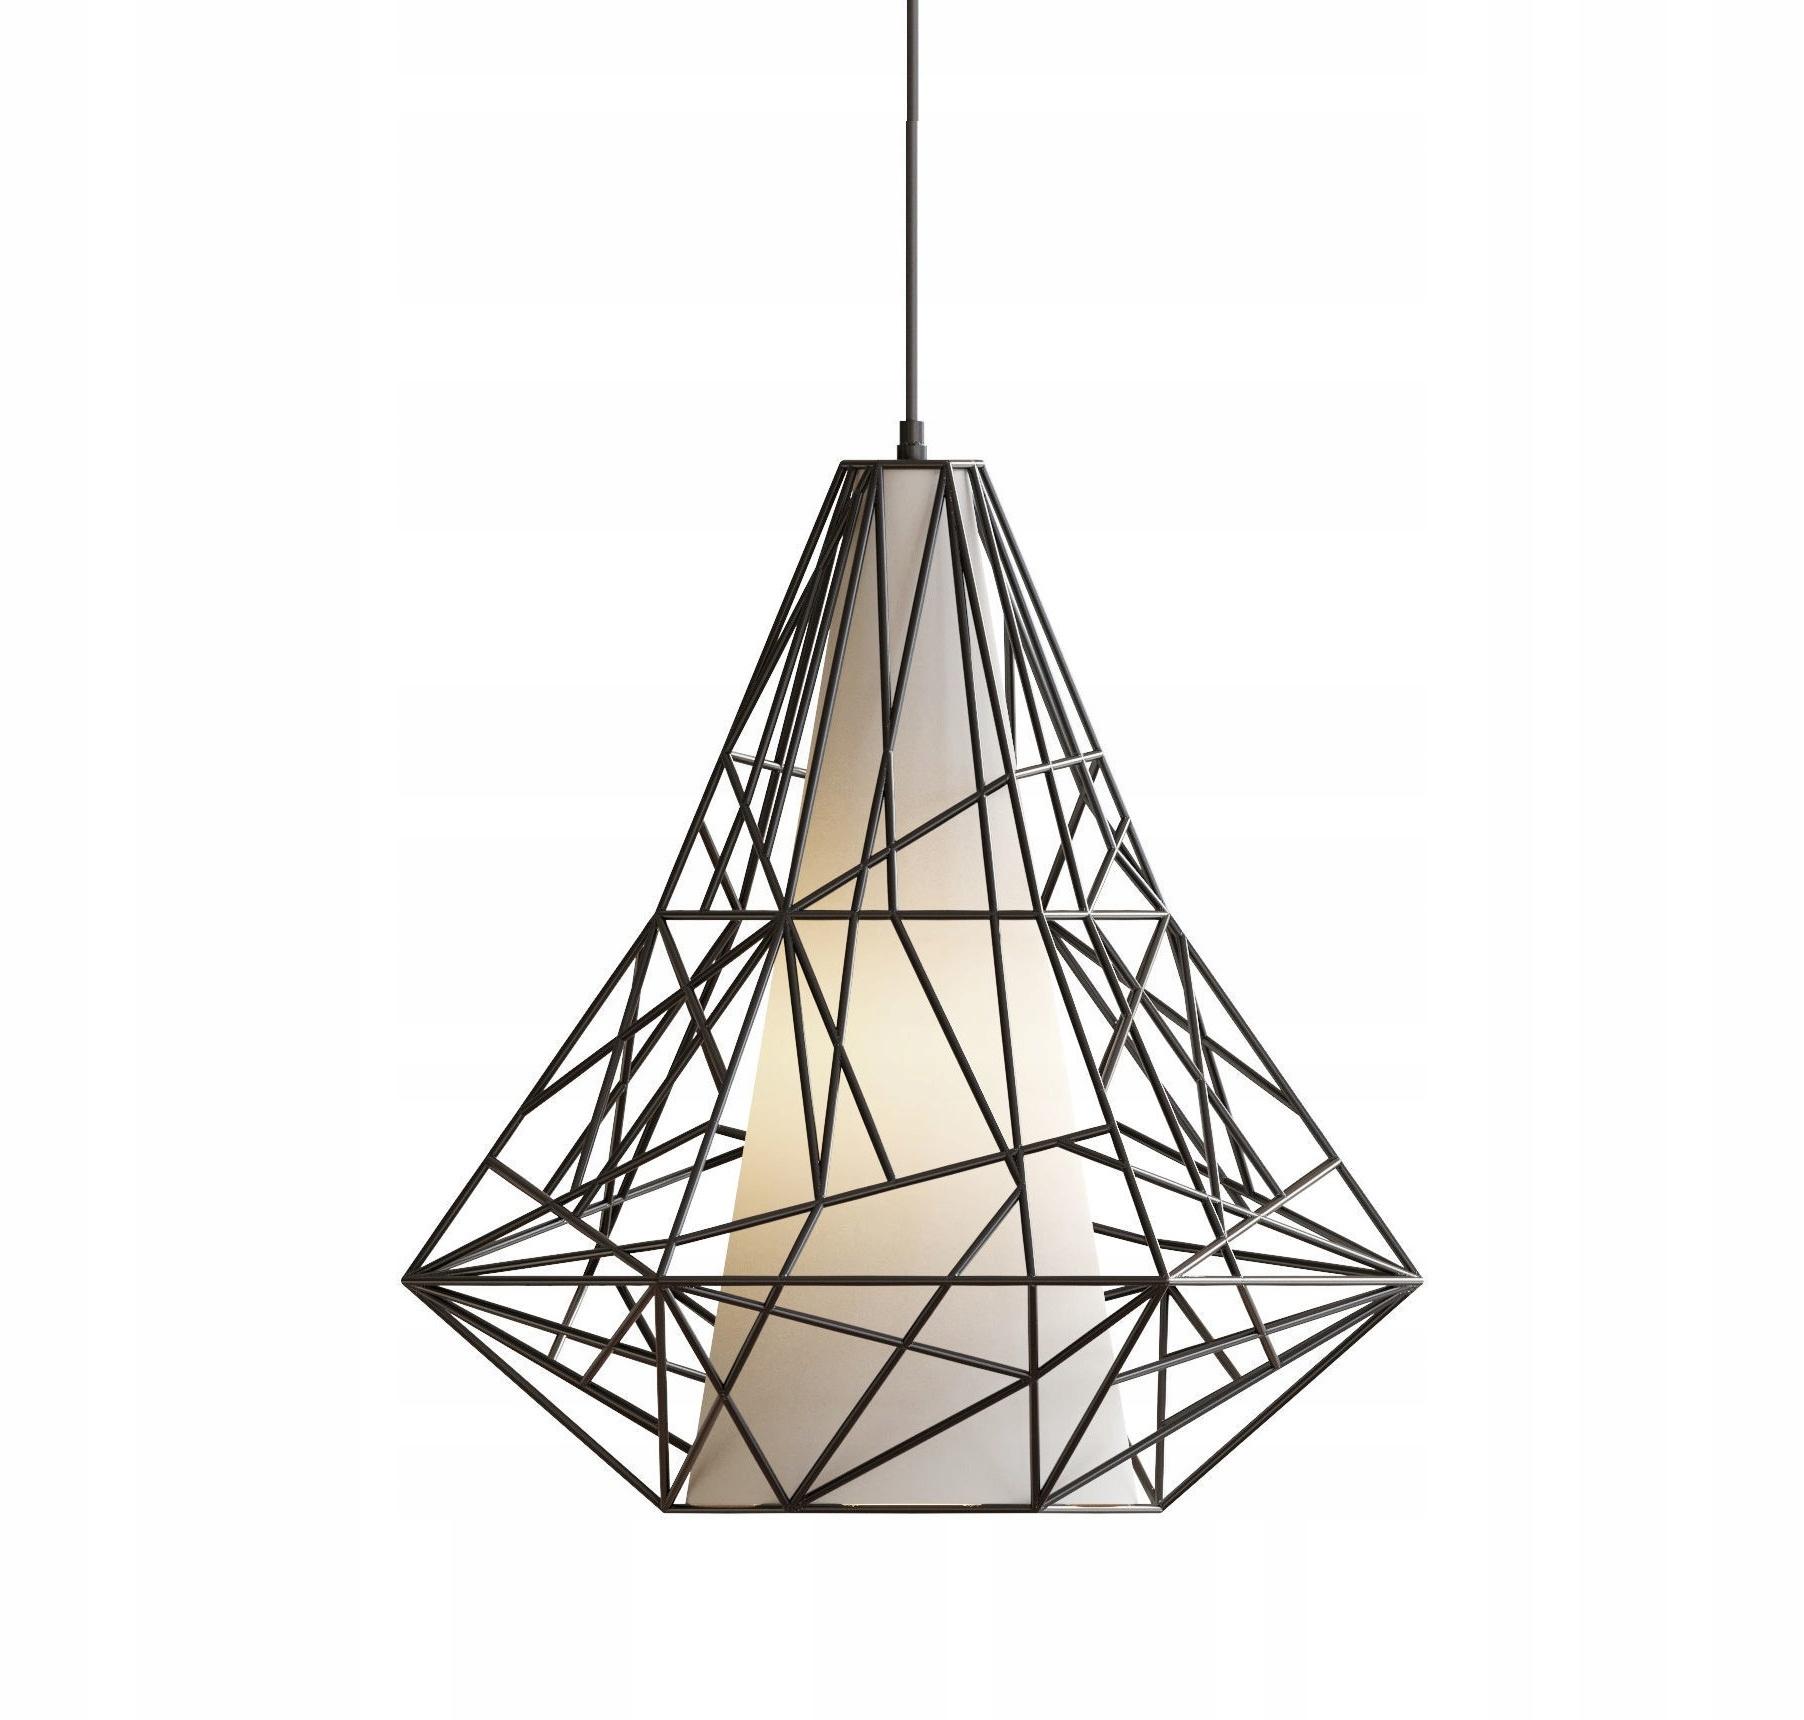 Stropné svietidlo prívesok Diamond lampa VEĽKÉ Podkrovie E27 LED